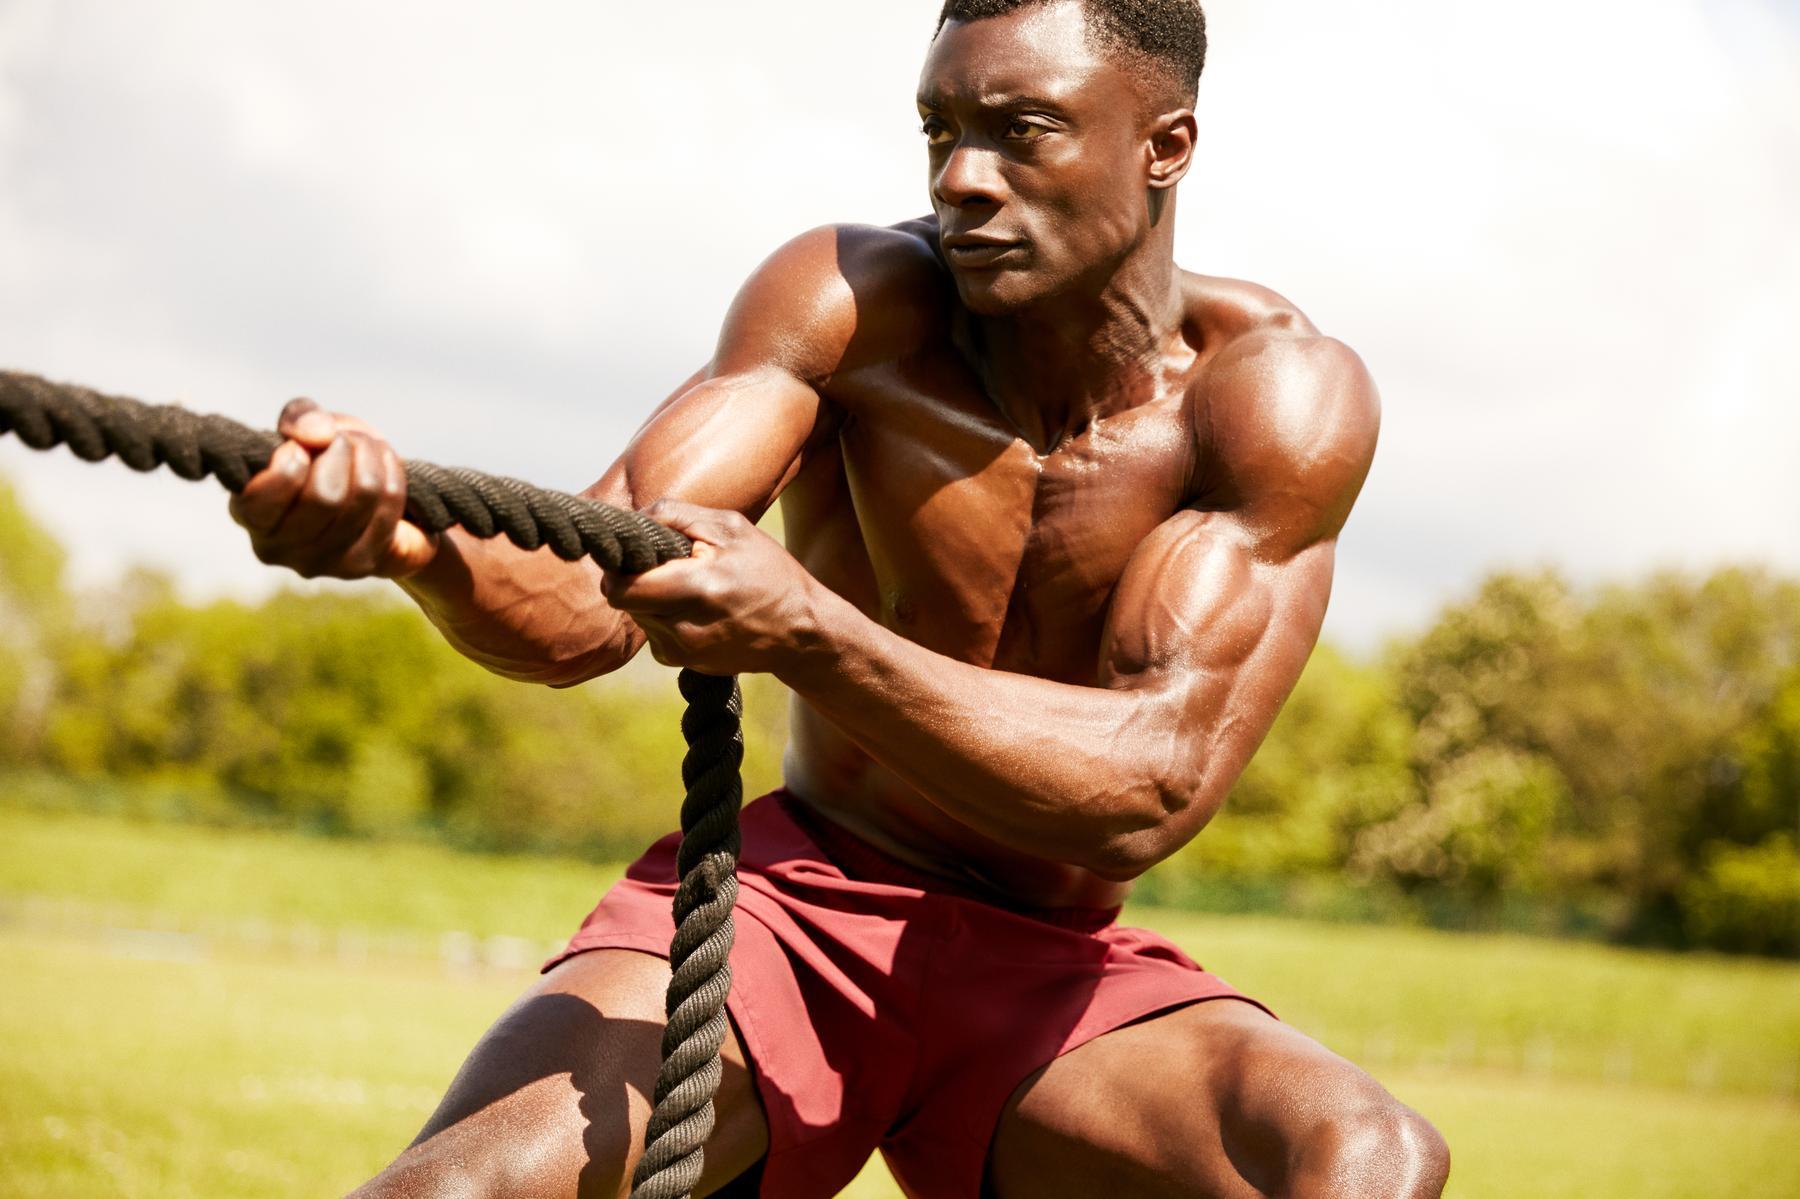 Keine Angst vor dem Verlust aufgebauter Muskulatur & Lauf-Robotik | Die Top-Studien der Woche